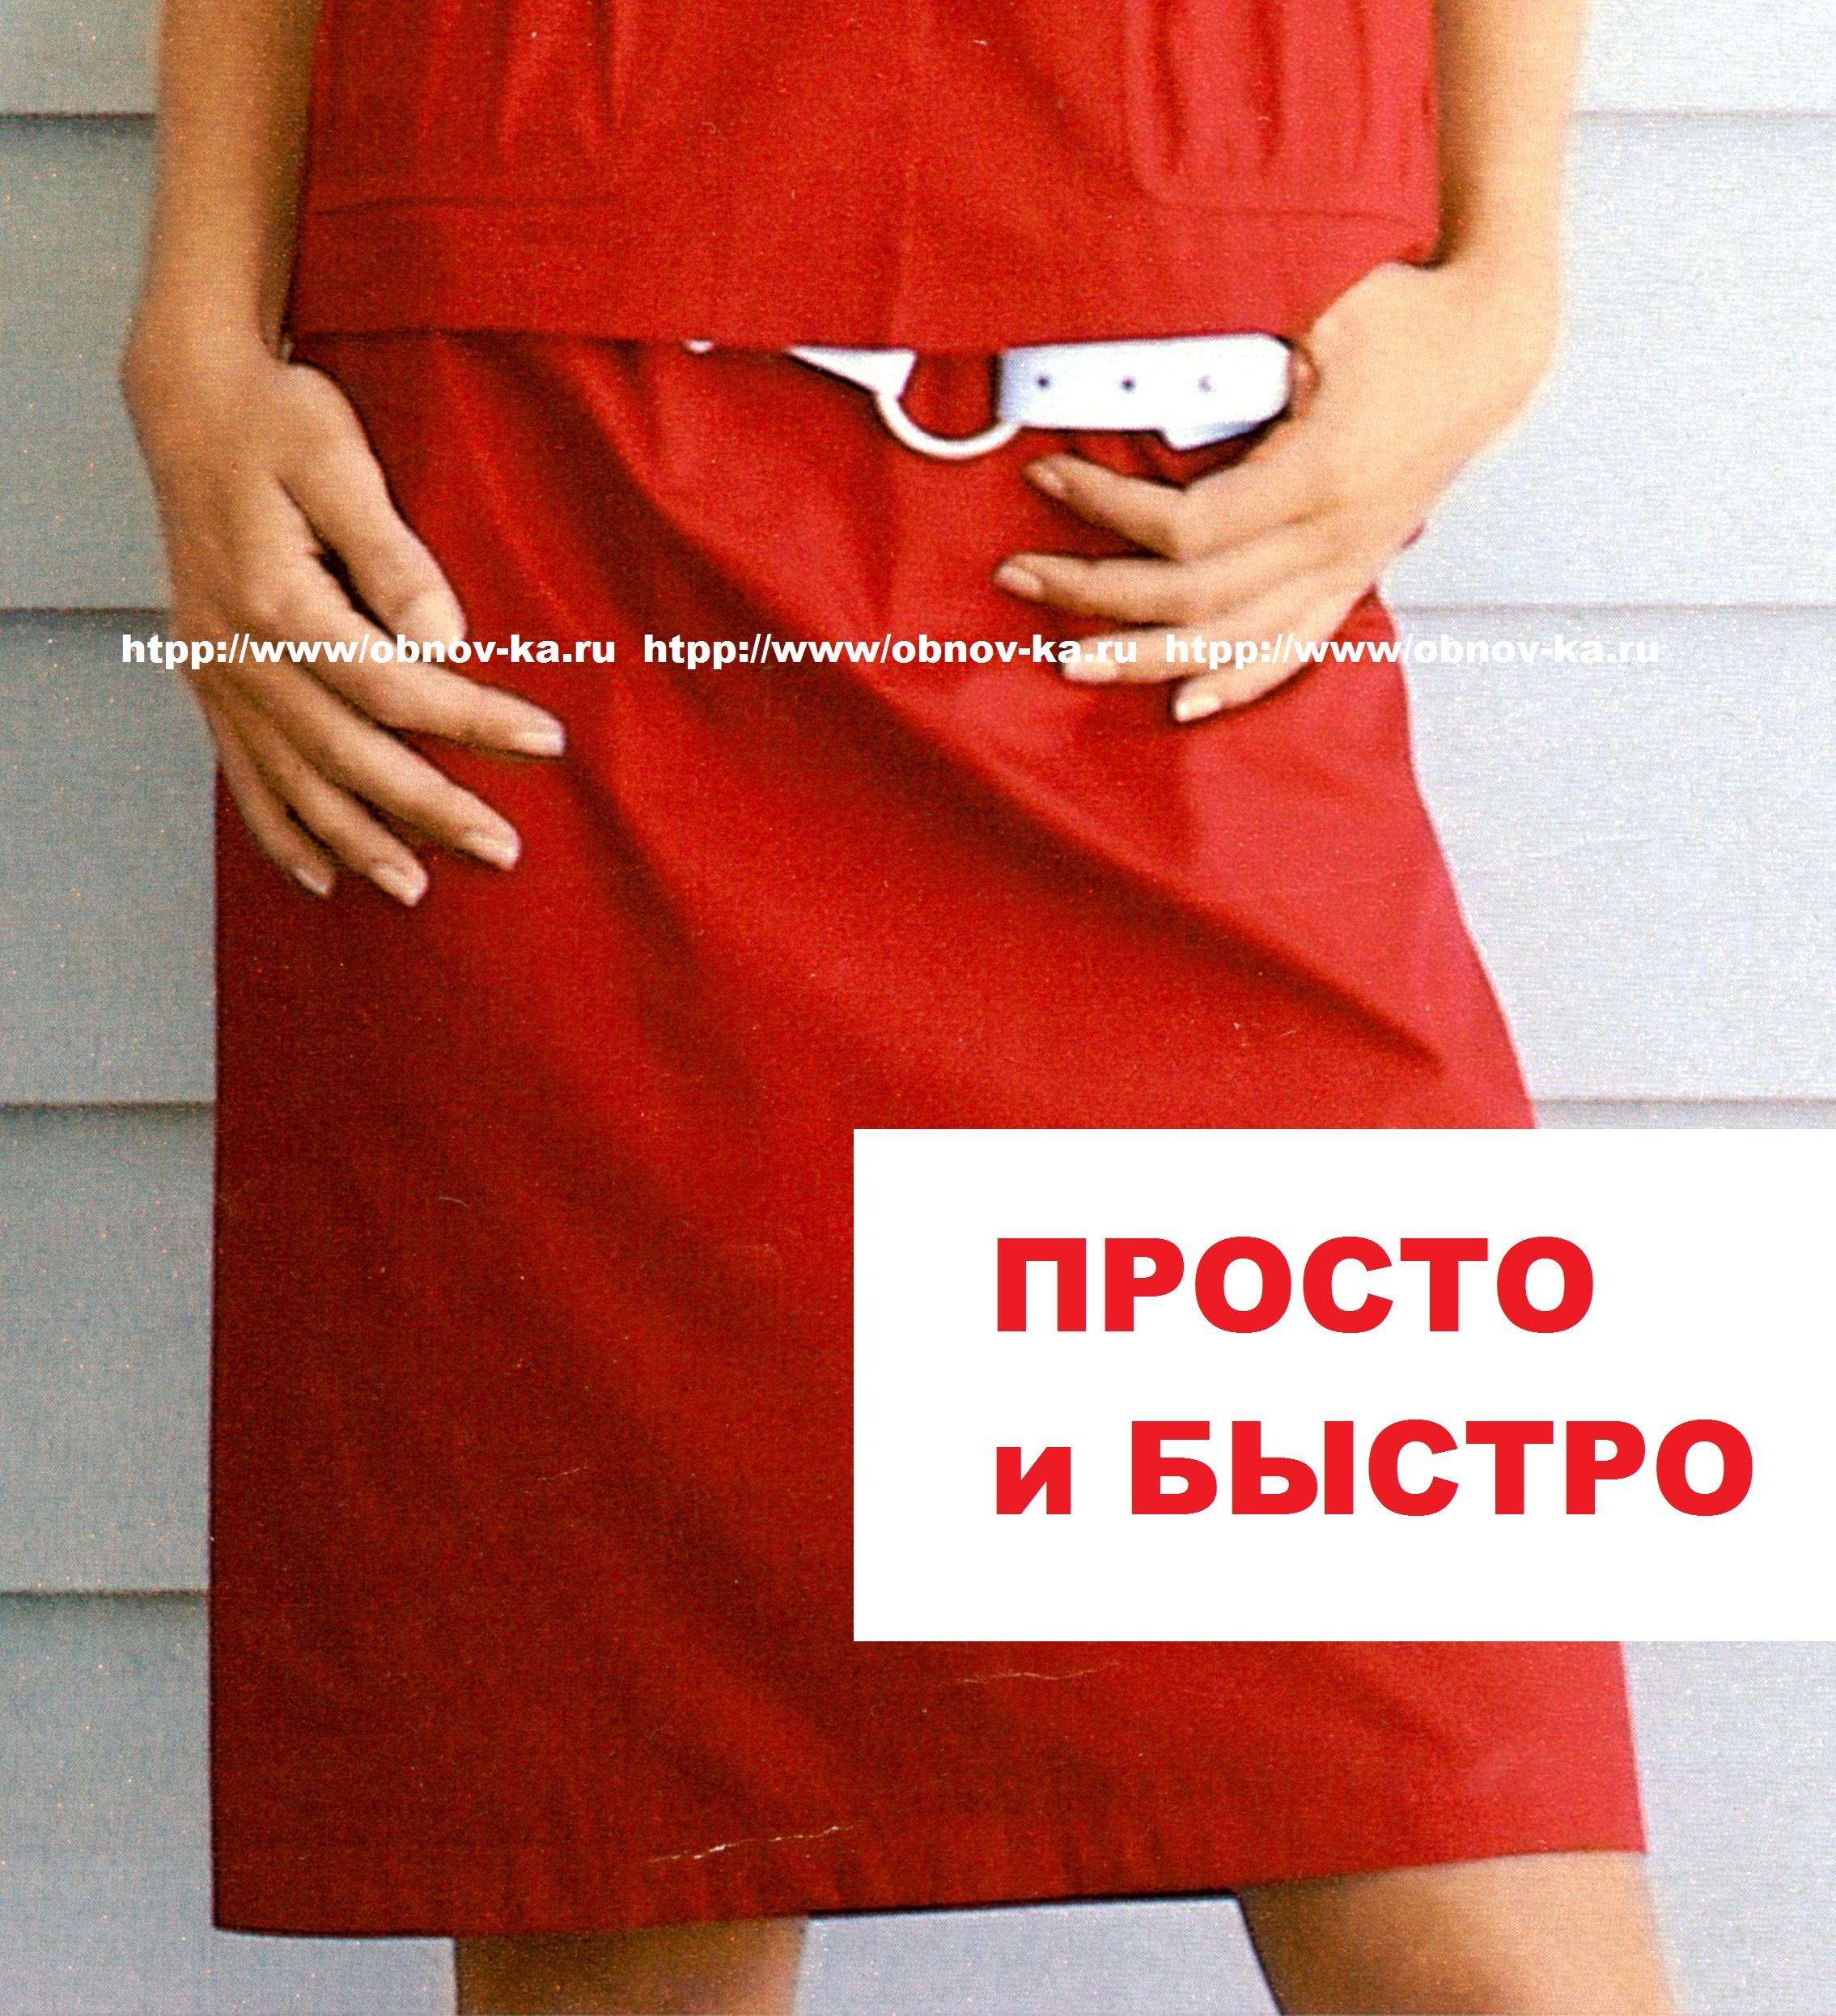 http://obnov-ka.ru/wp-content/uploads/2014/04/Korotkaya-pryamaya-yubkac.jpg